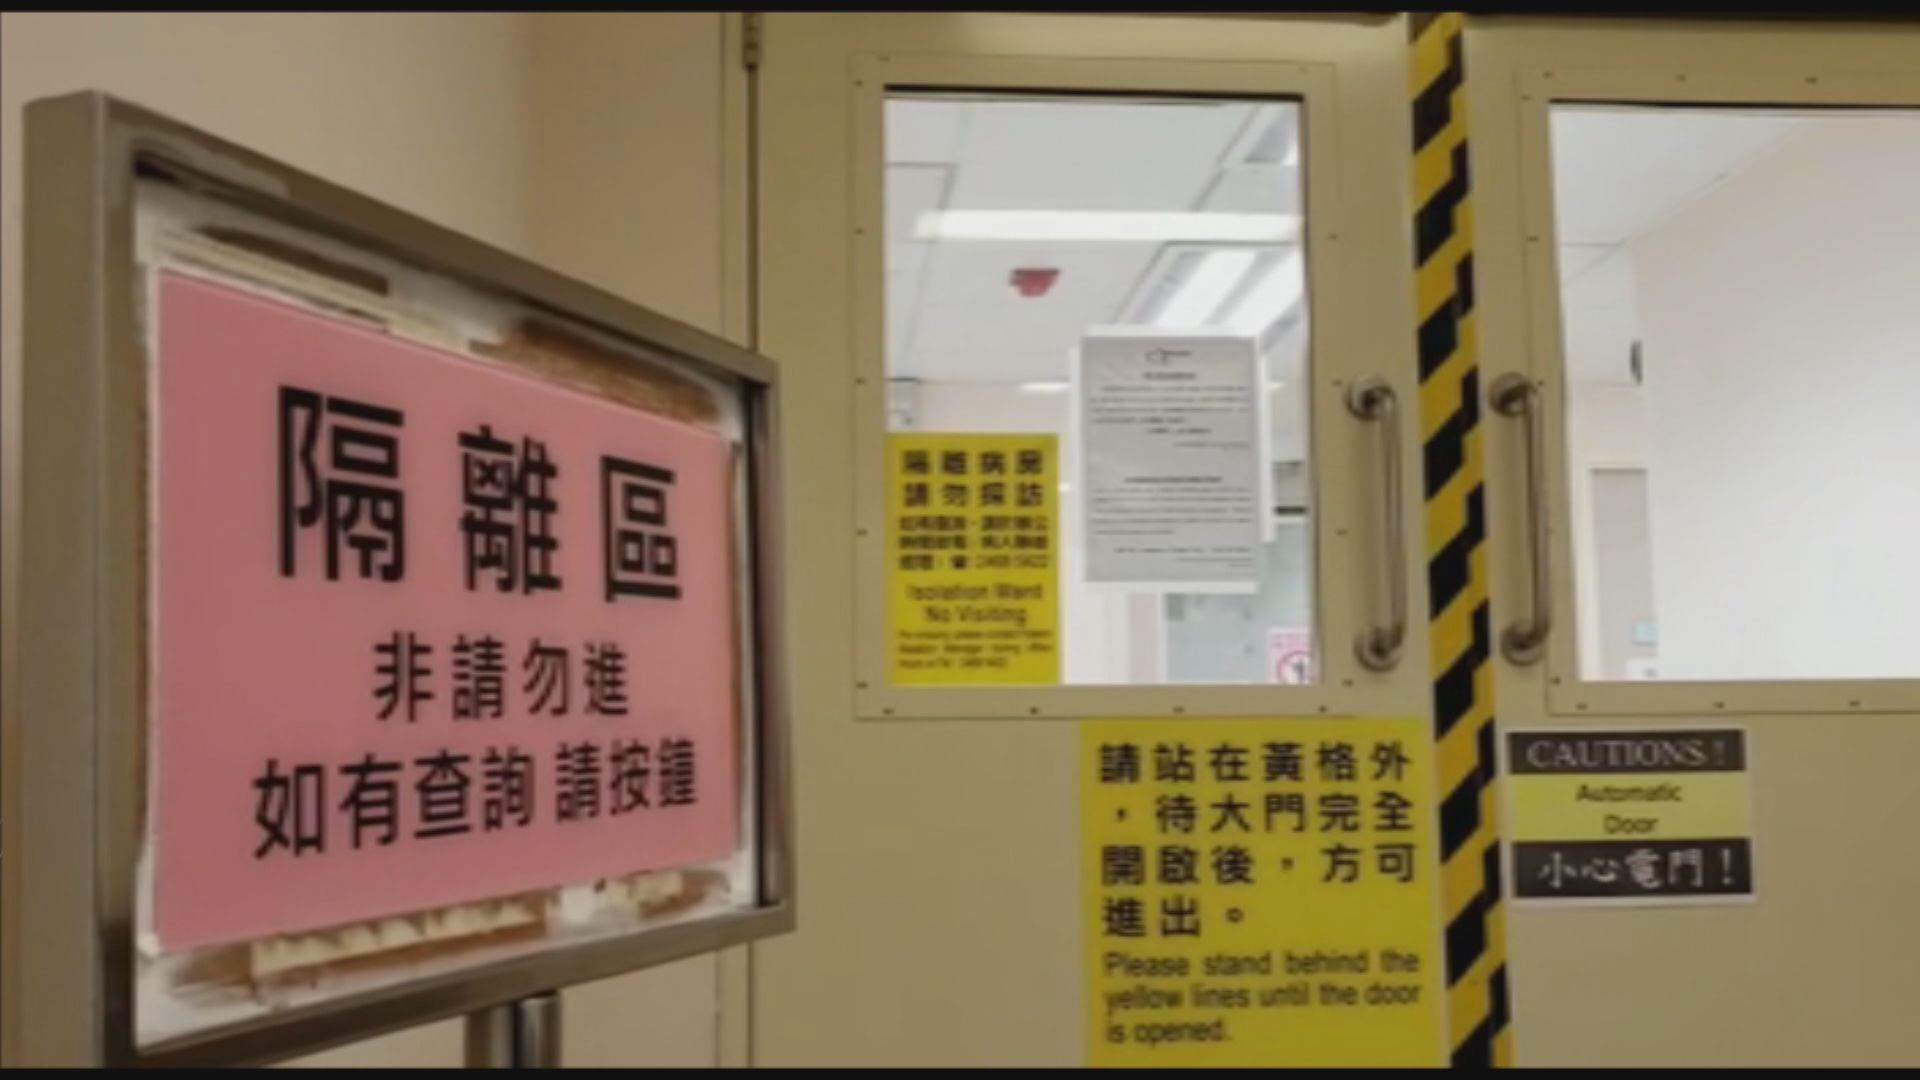 屯門醫院女病人曾到武漢 據報正在B9病房隔離治療